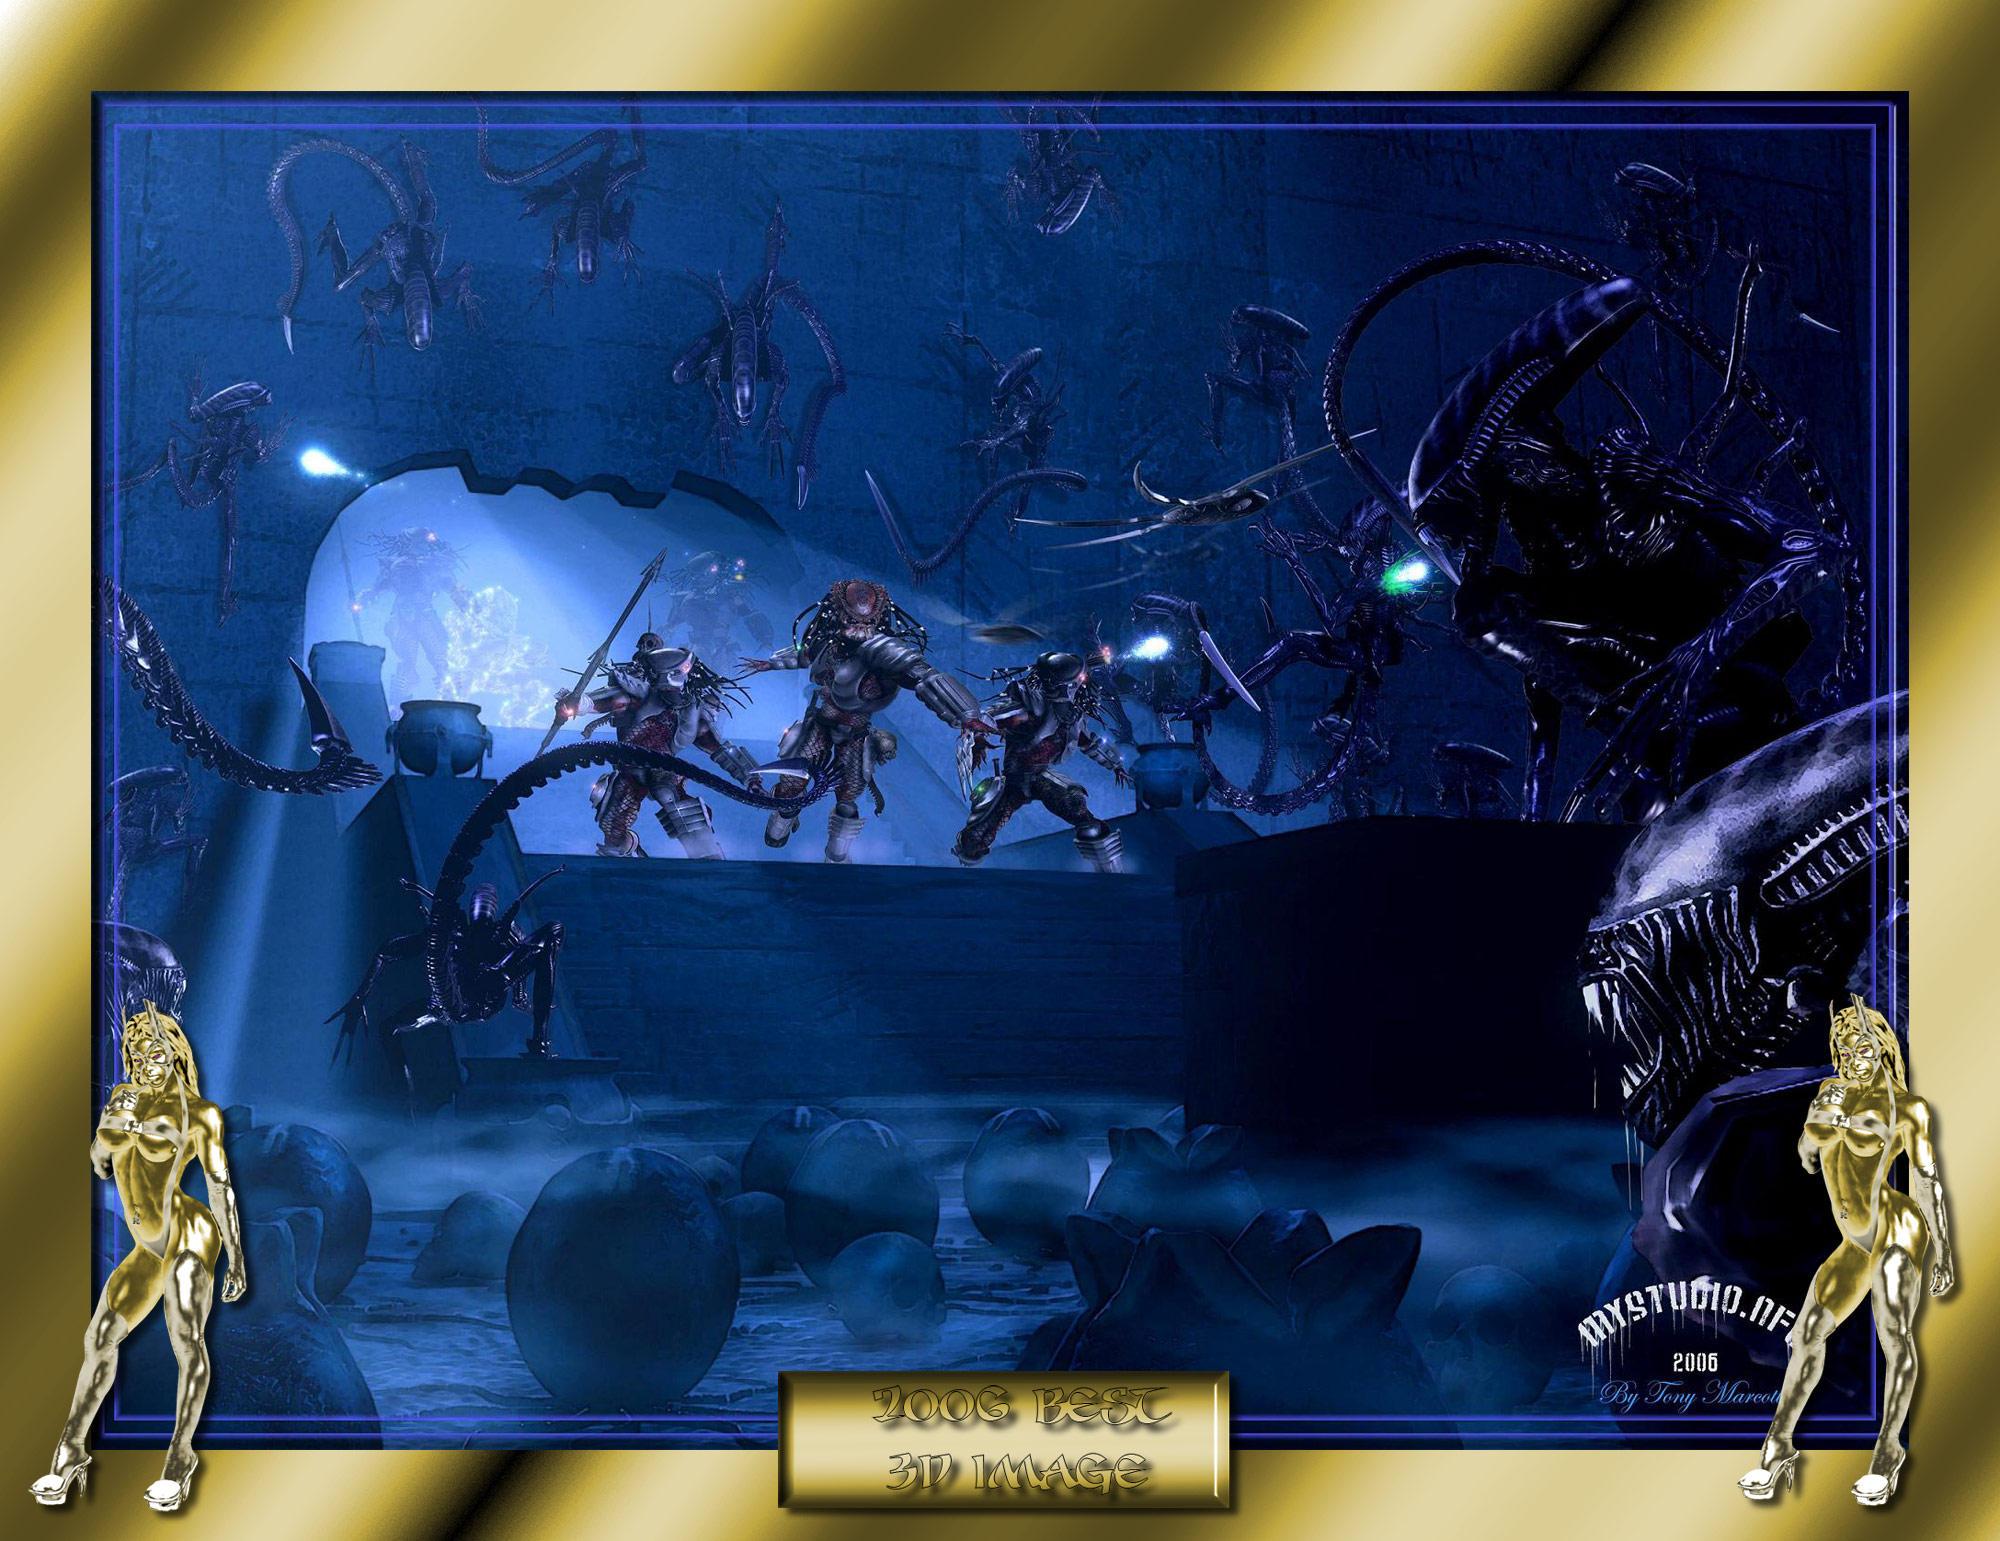 2006 Best 3d Image